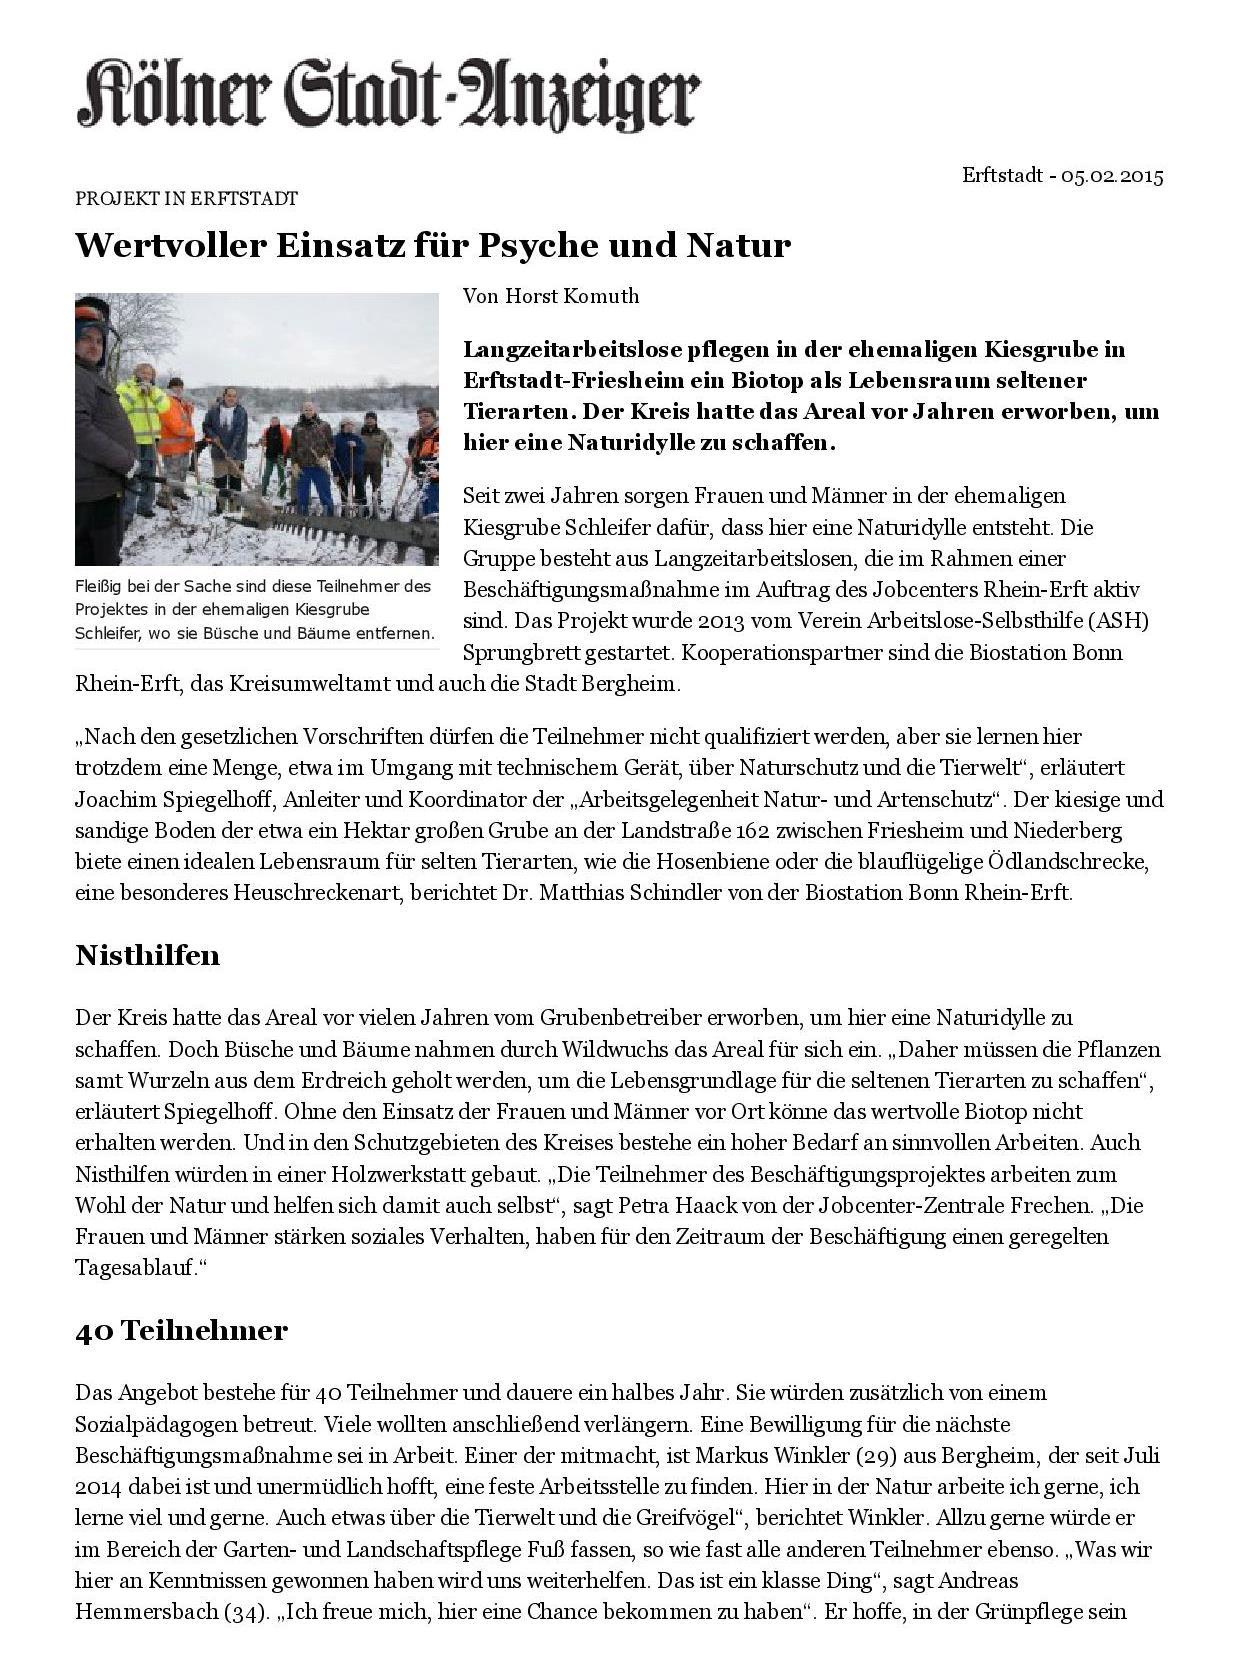 Kölner Stadt-Anzeiger- Wertvoller Einsatz für Psyche und Natur-001